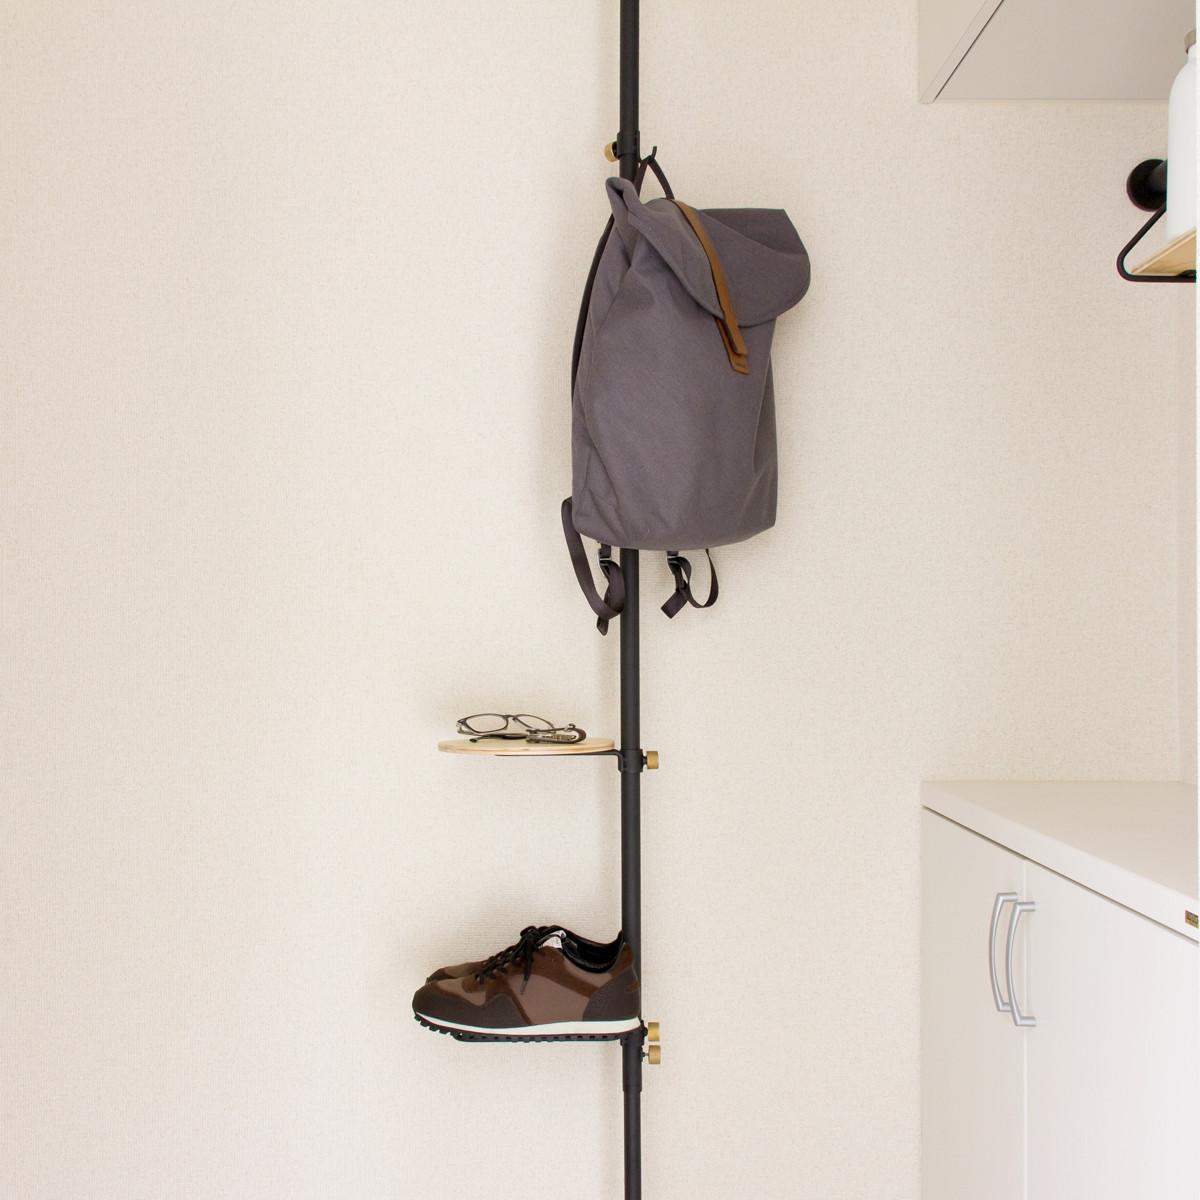 玄関セット|1本の線(ライン)に、鍵もバッグも指定席ができる「つっぱり棒」|DRAW A LINE